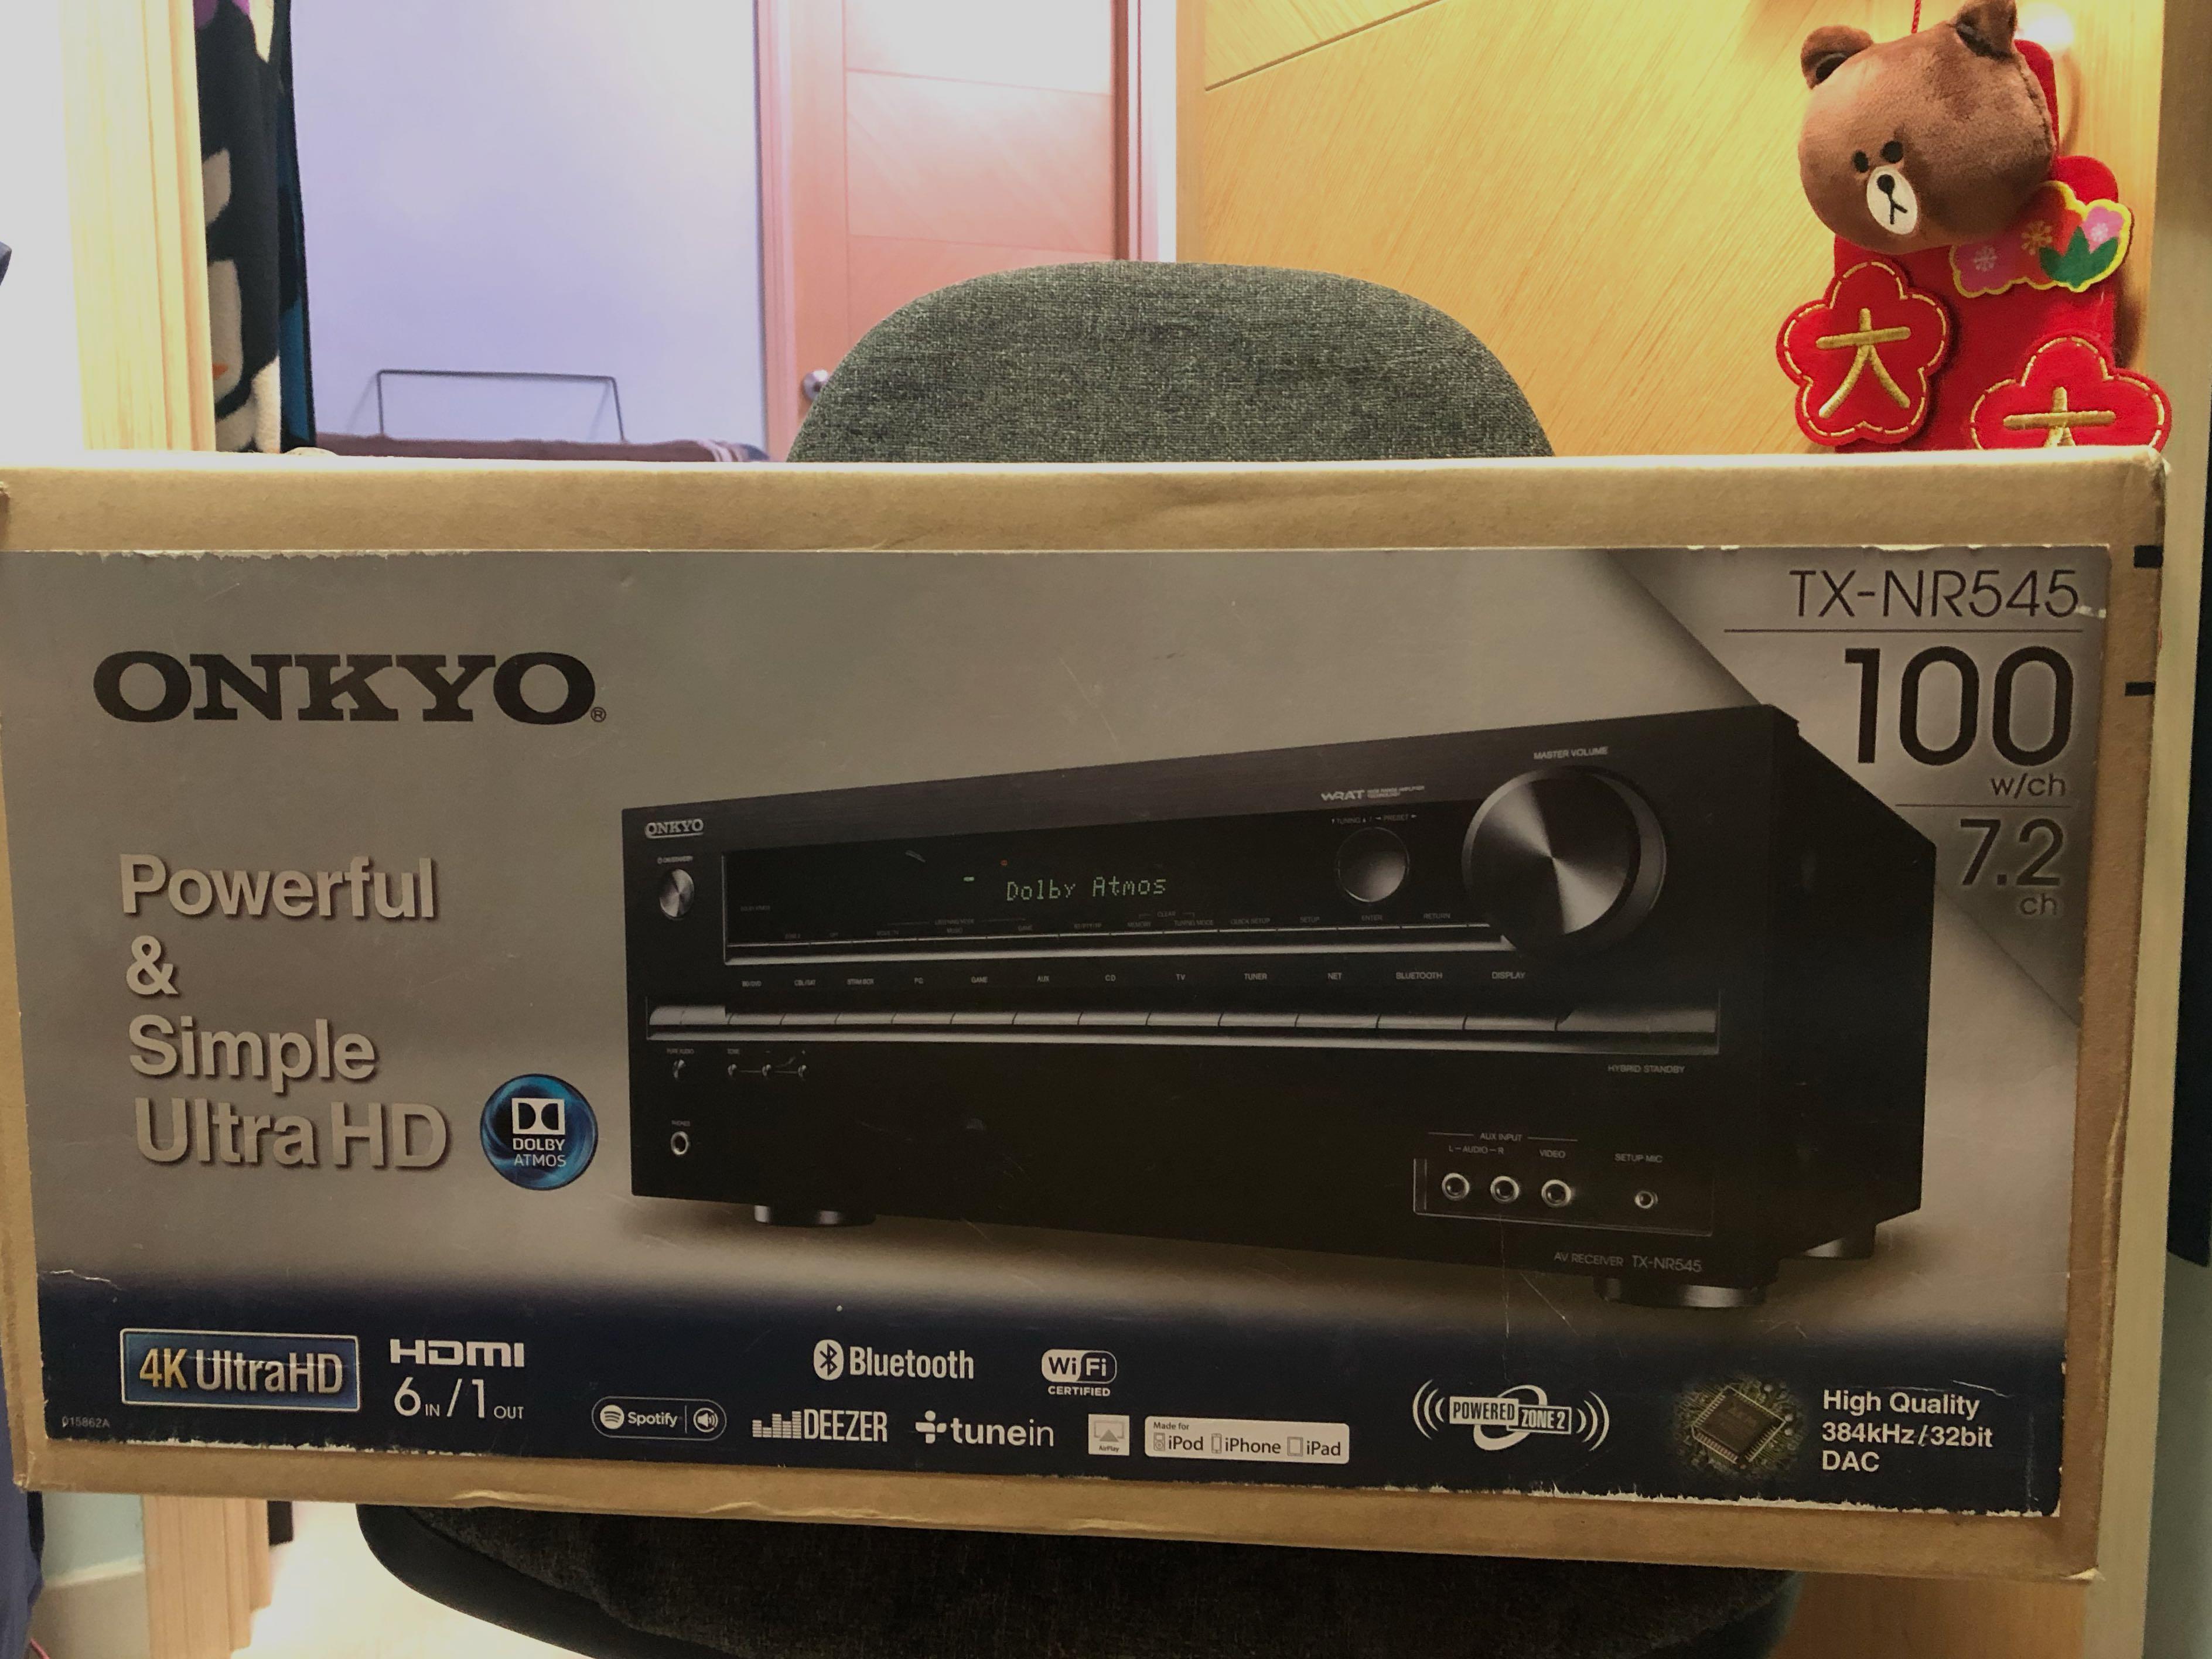 100%全新 未開箱ONKYO 安橋 TX-NR545  7.2聲道網絡家庭影音擴音機 7.2 AV Receiver